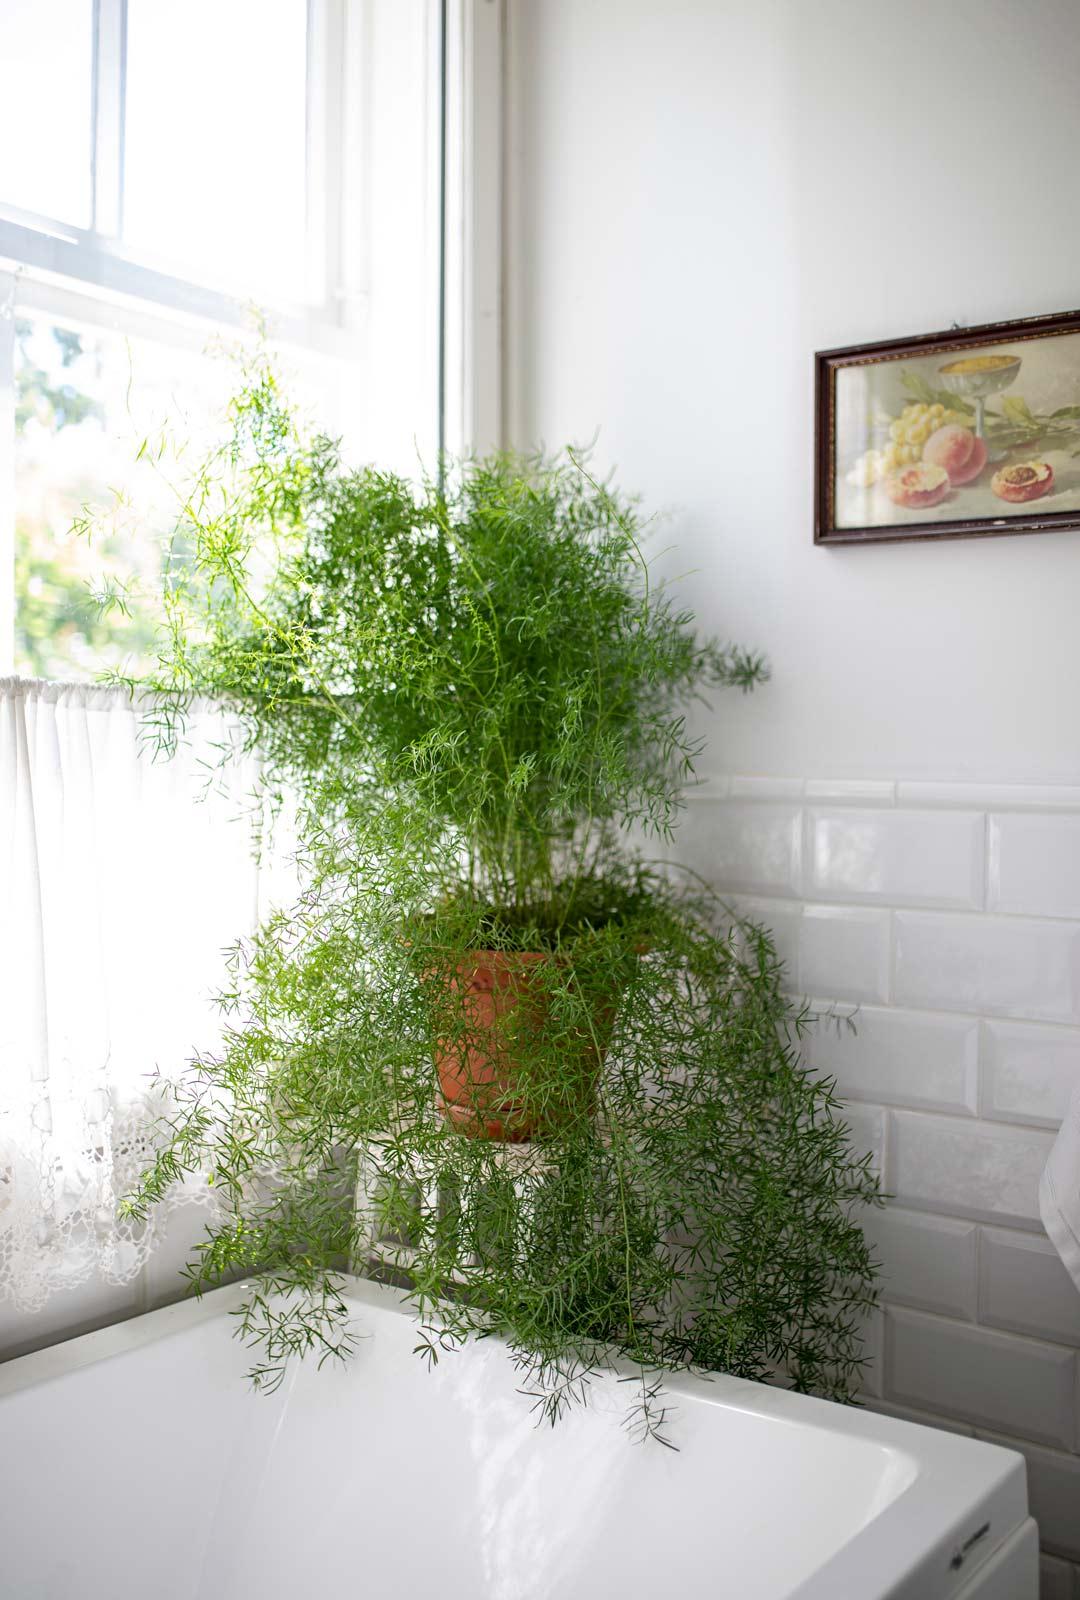 Viherkasvit luovat viihtyisyyttä.